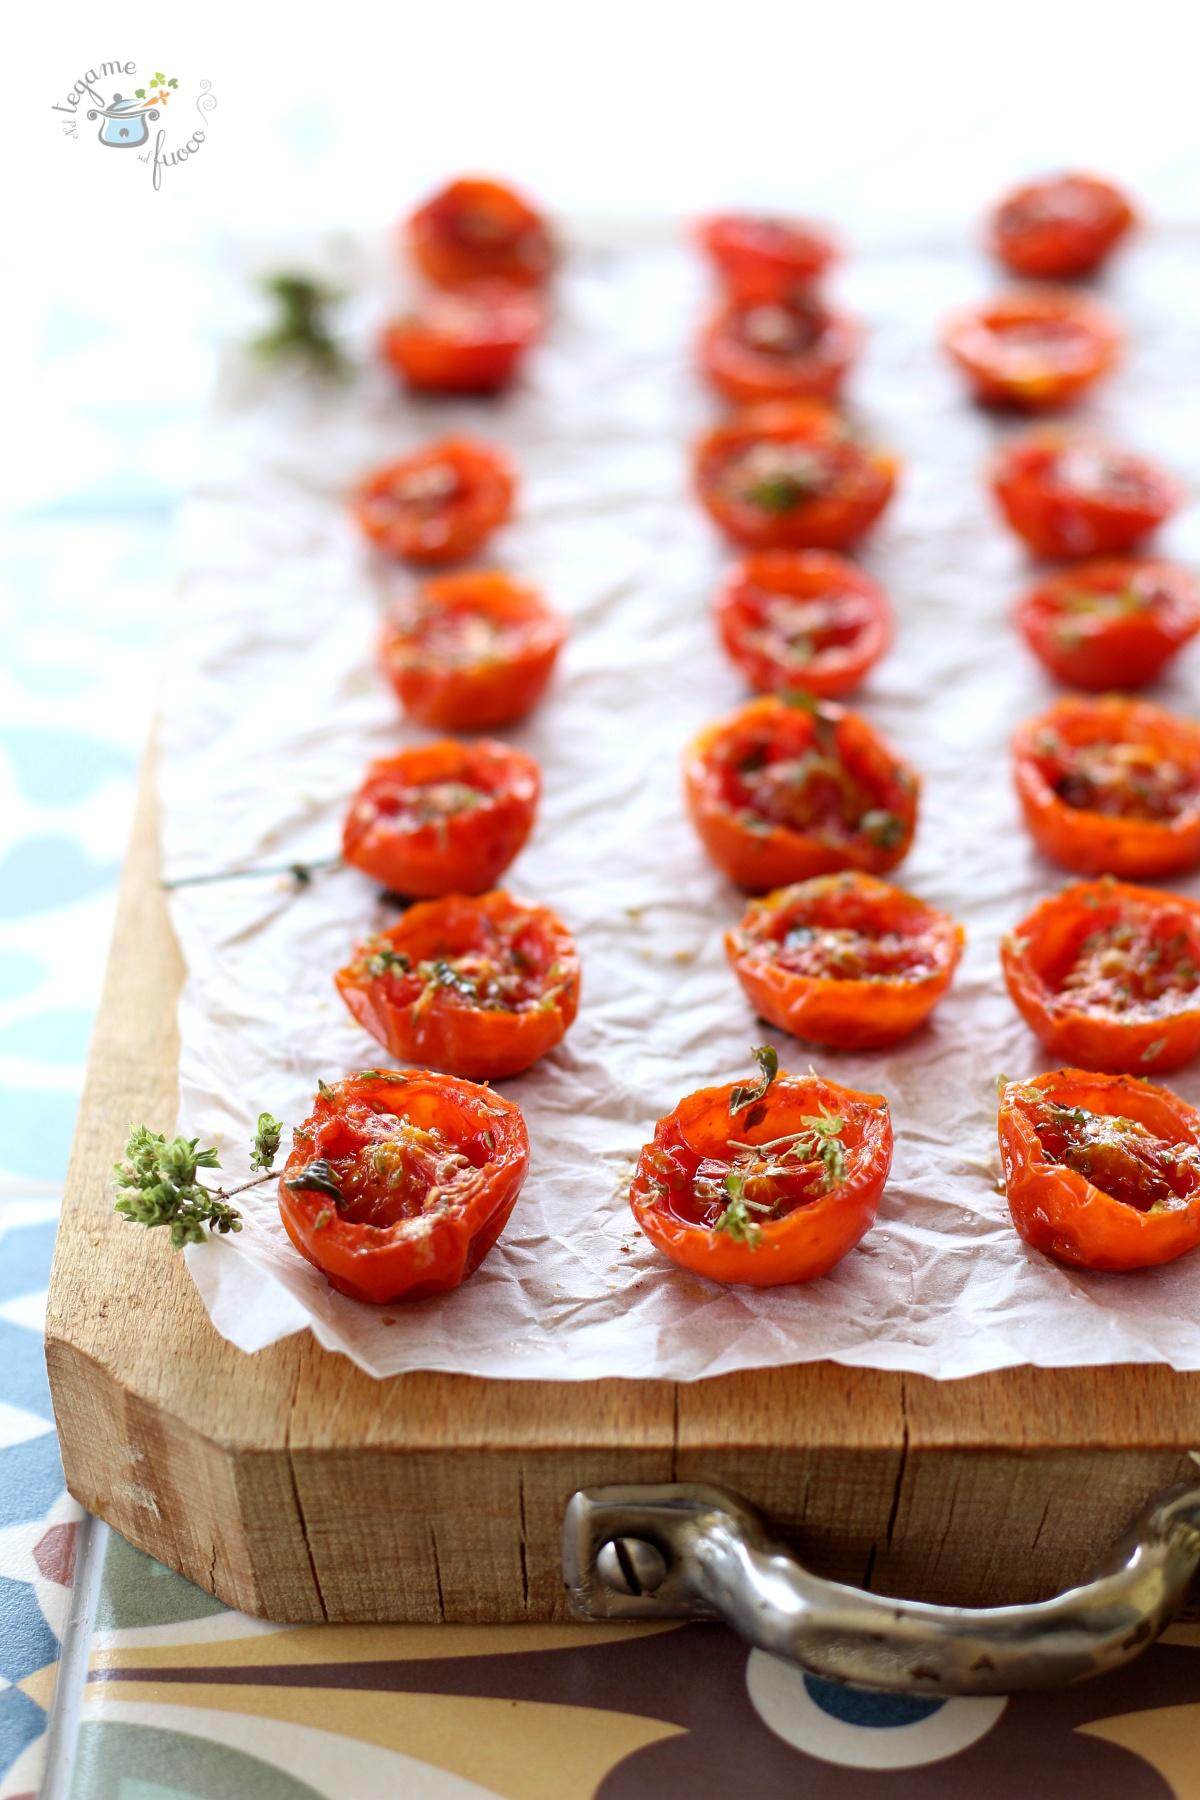 come fare i pomodorini confit al microonde